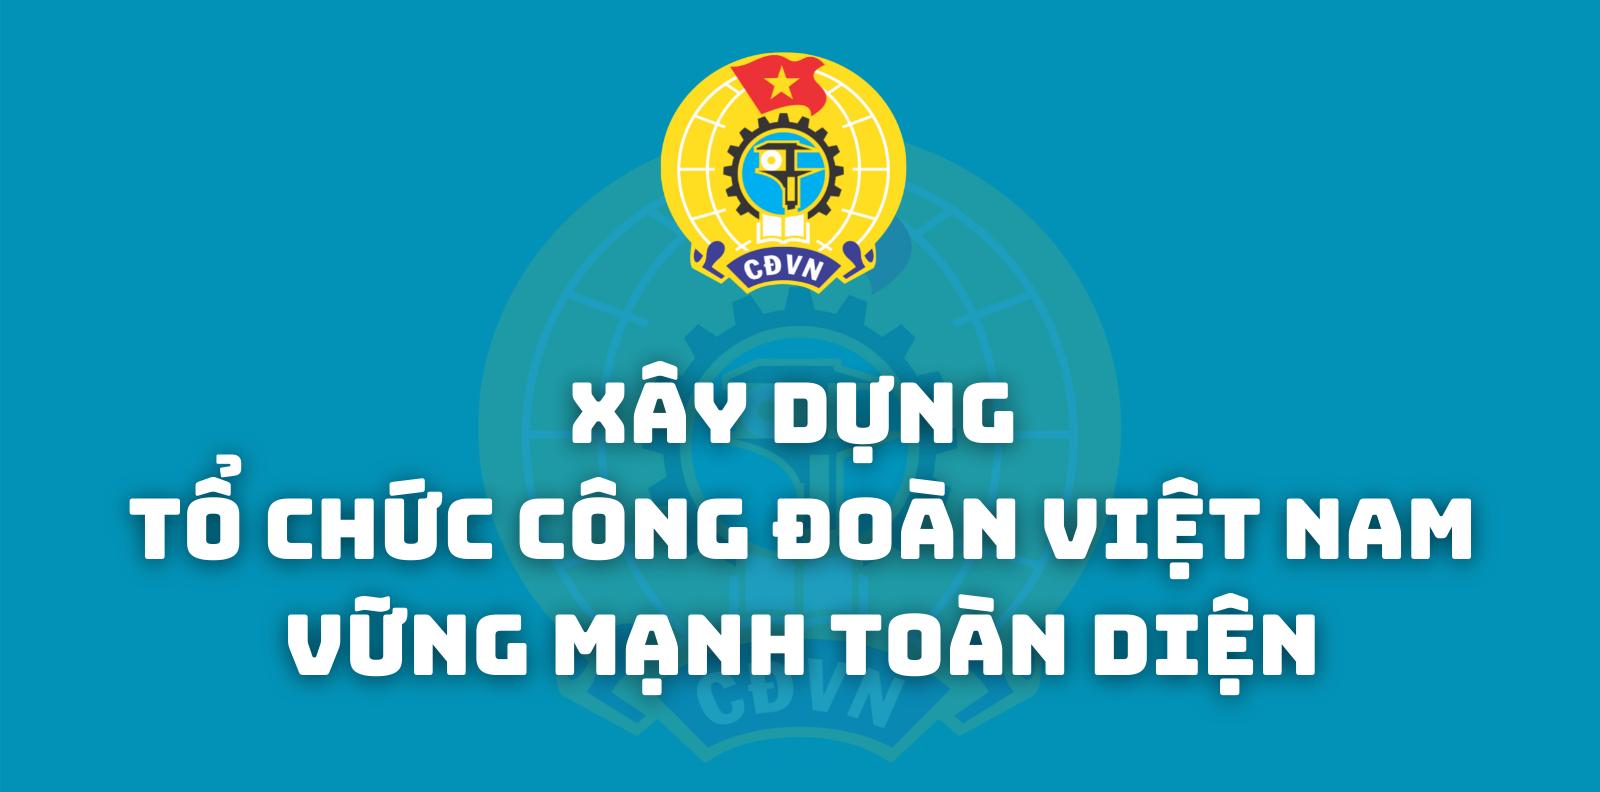 [Infographic] Xây dựng tổ chức Công đoàn Việt Nam vững mạnh toàn diện